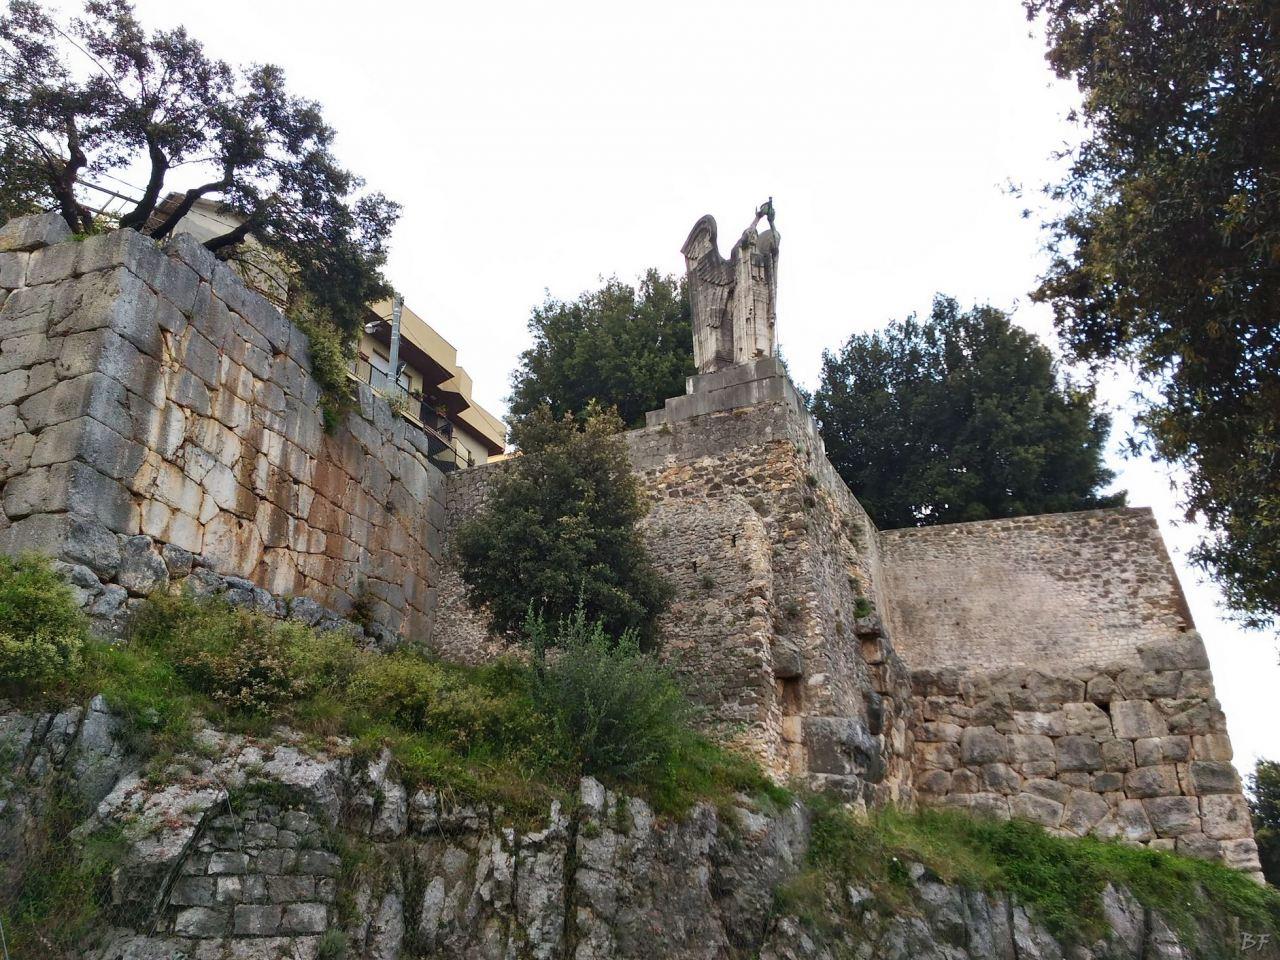 Cora-Mura-Poligonali-Megalitiche-Cori-Latina-Lazio-Italia-14